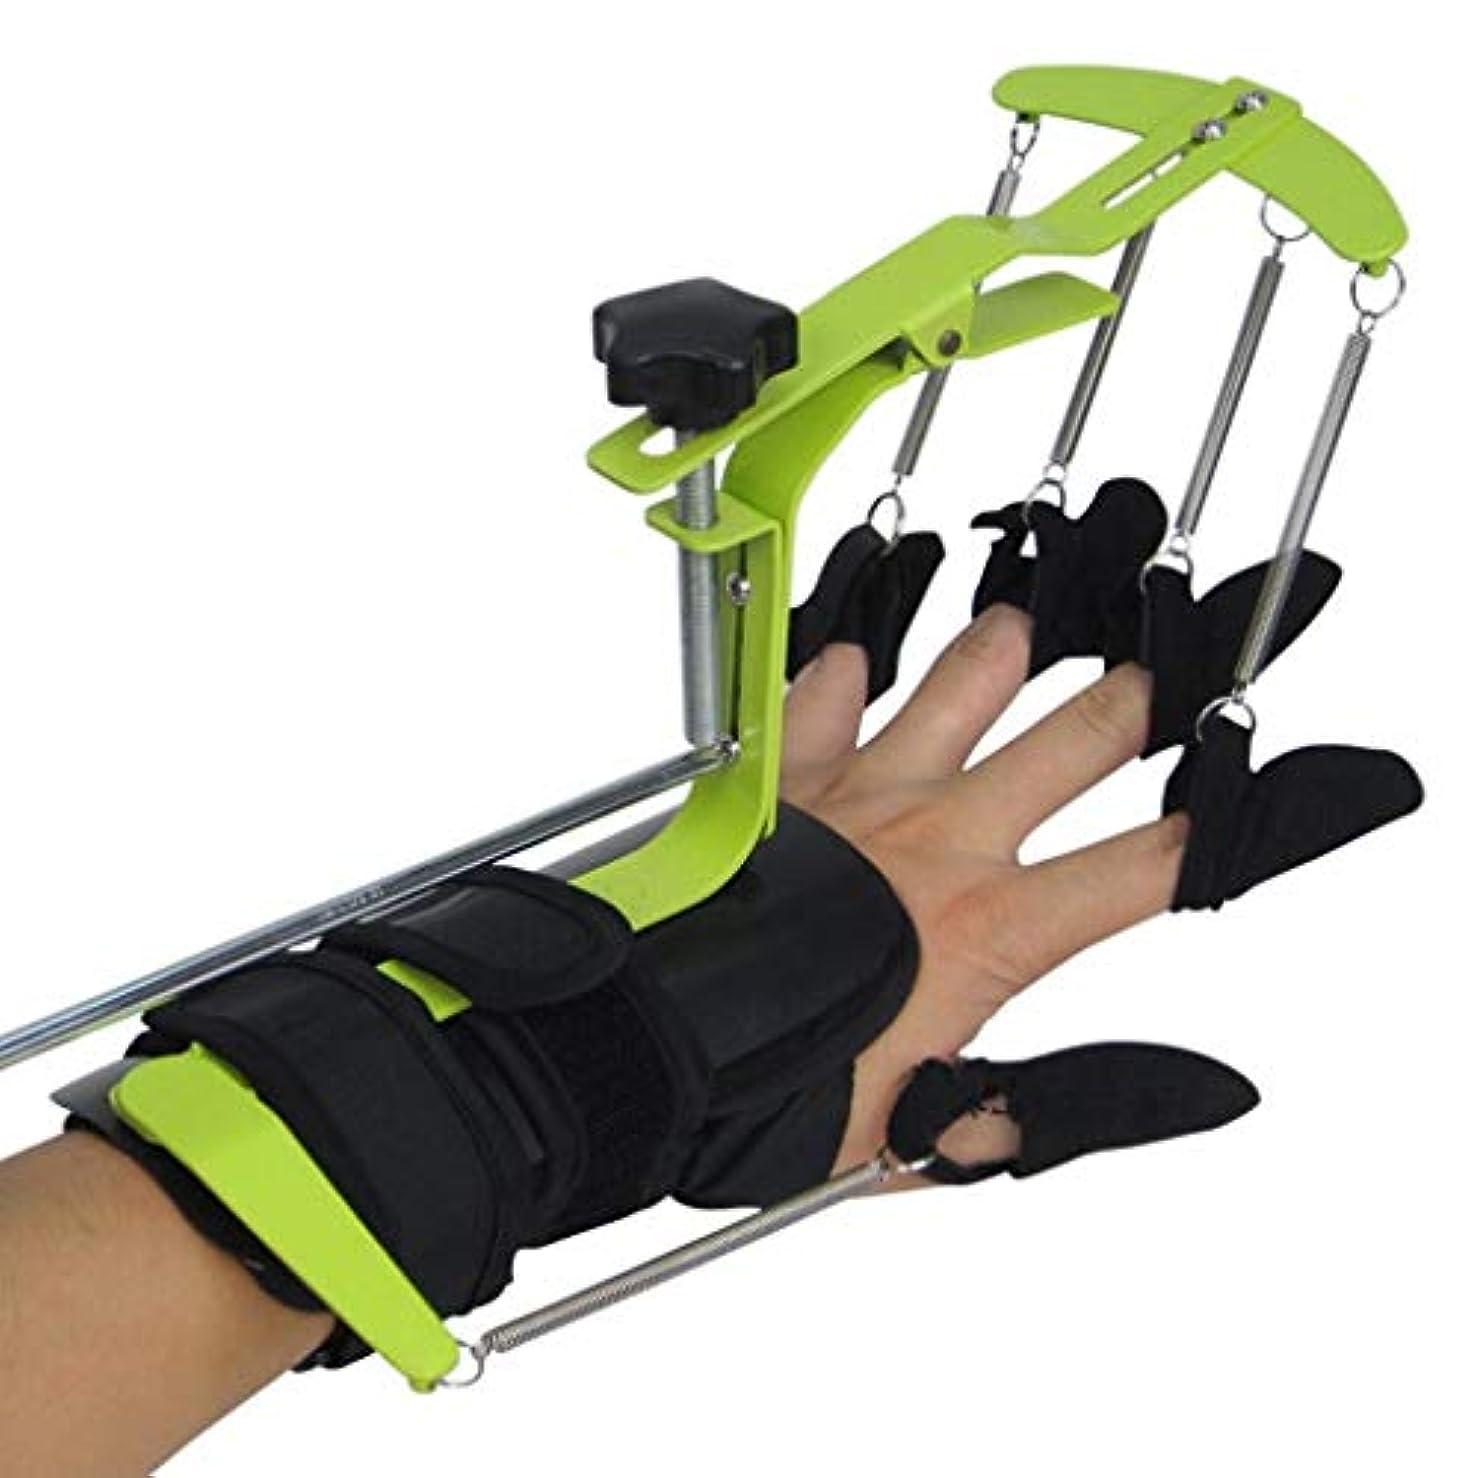 適用する領収書中性調整可能 フィンガー装具 フィンガートレーニング機器 エクサ?クリップ?ボード 片麻痺の脳性麻痺リハビリテーション